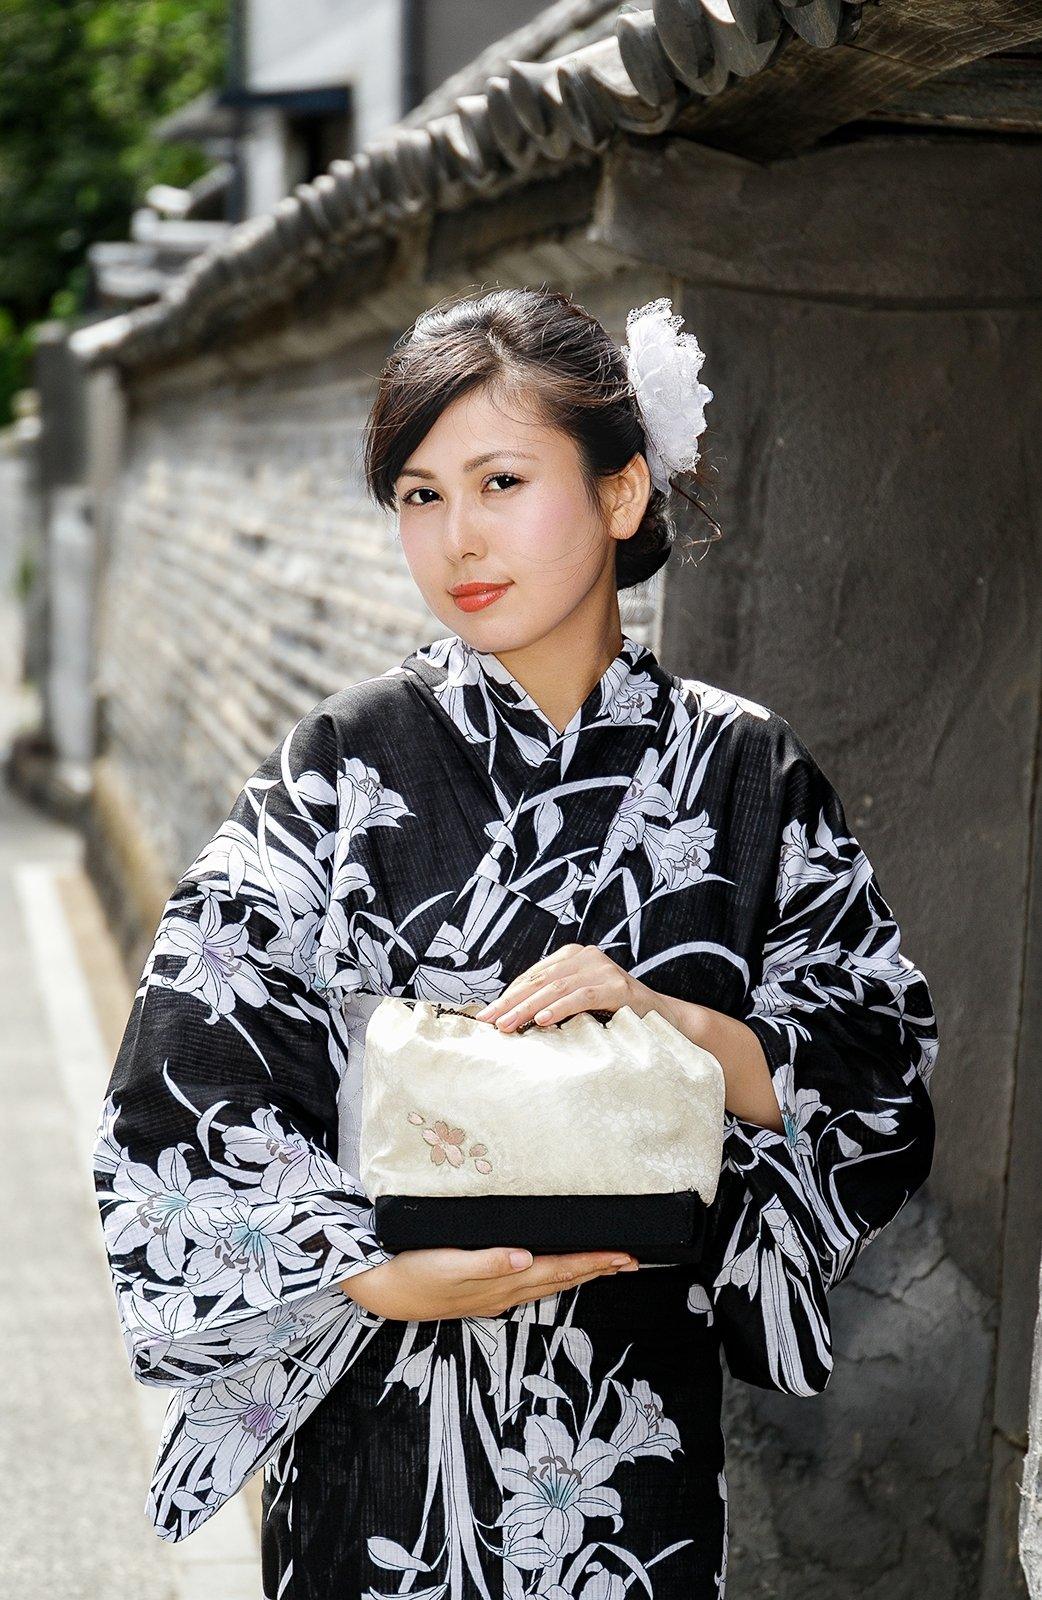 南りこ10/20(土)11:30~&14:30~橫浜きのこ大祭出演 in みなとみらい ...